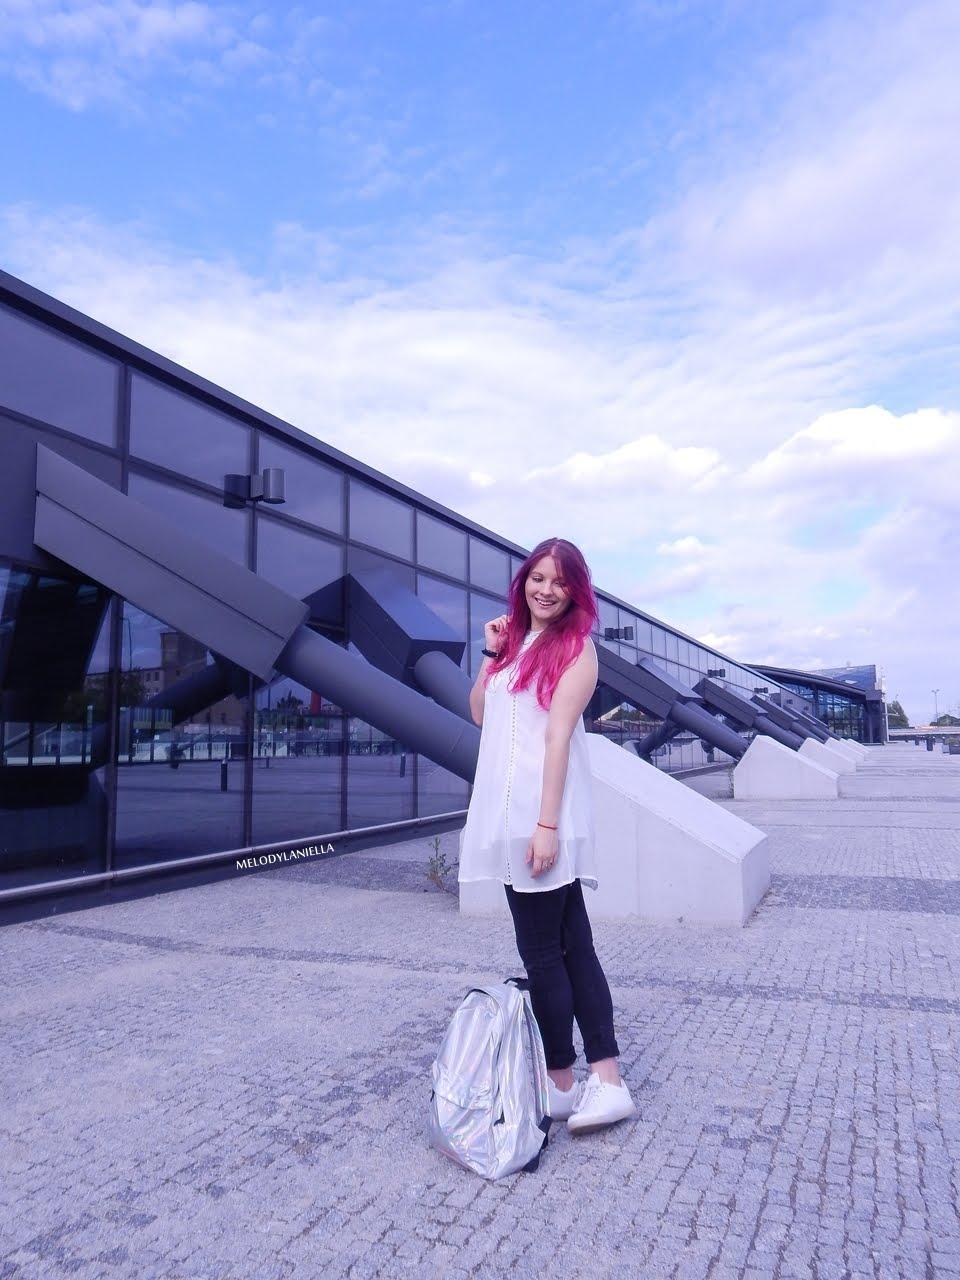 13 holograficzny plecak betterlook.pl farby venita różowe włosy jak pofarbować włosy kolorowe włosy ombre pink hair paul rich watches zegarek czarne jeansy z dziurami modna polka lookbook